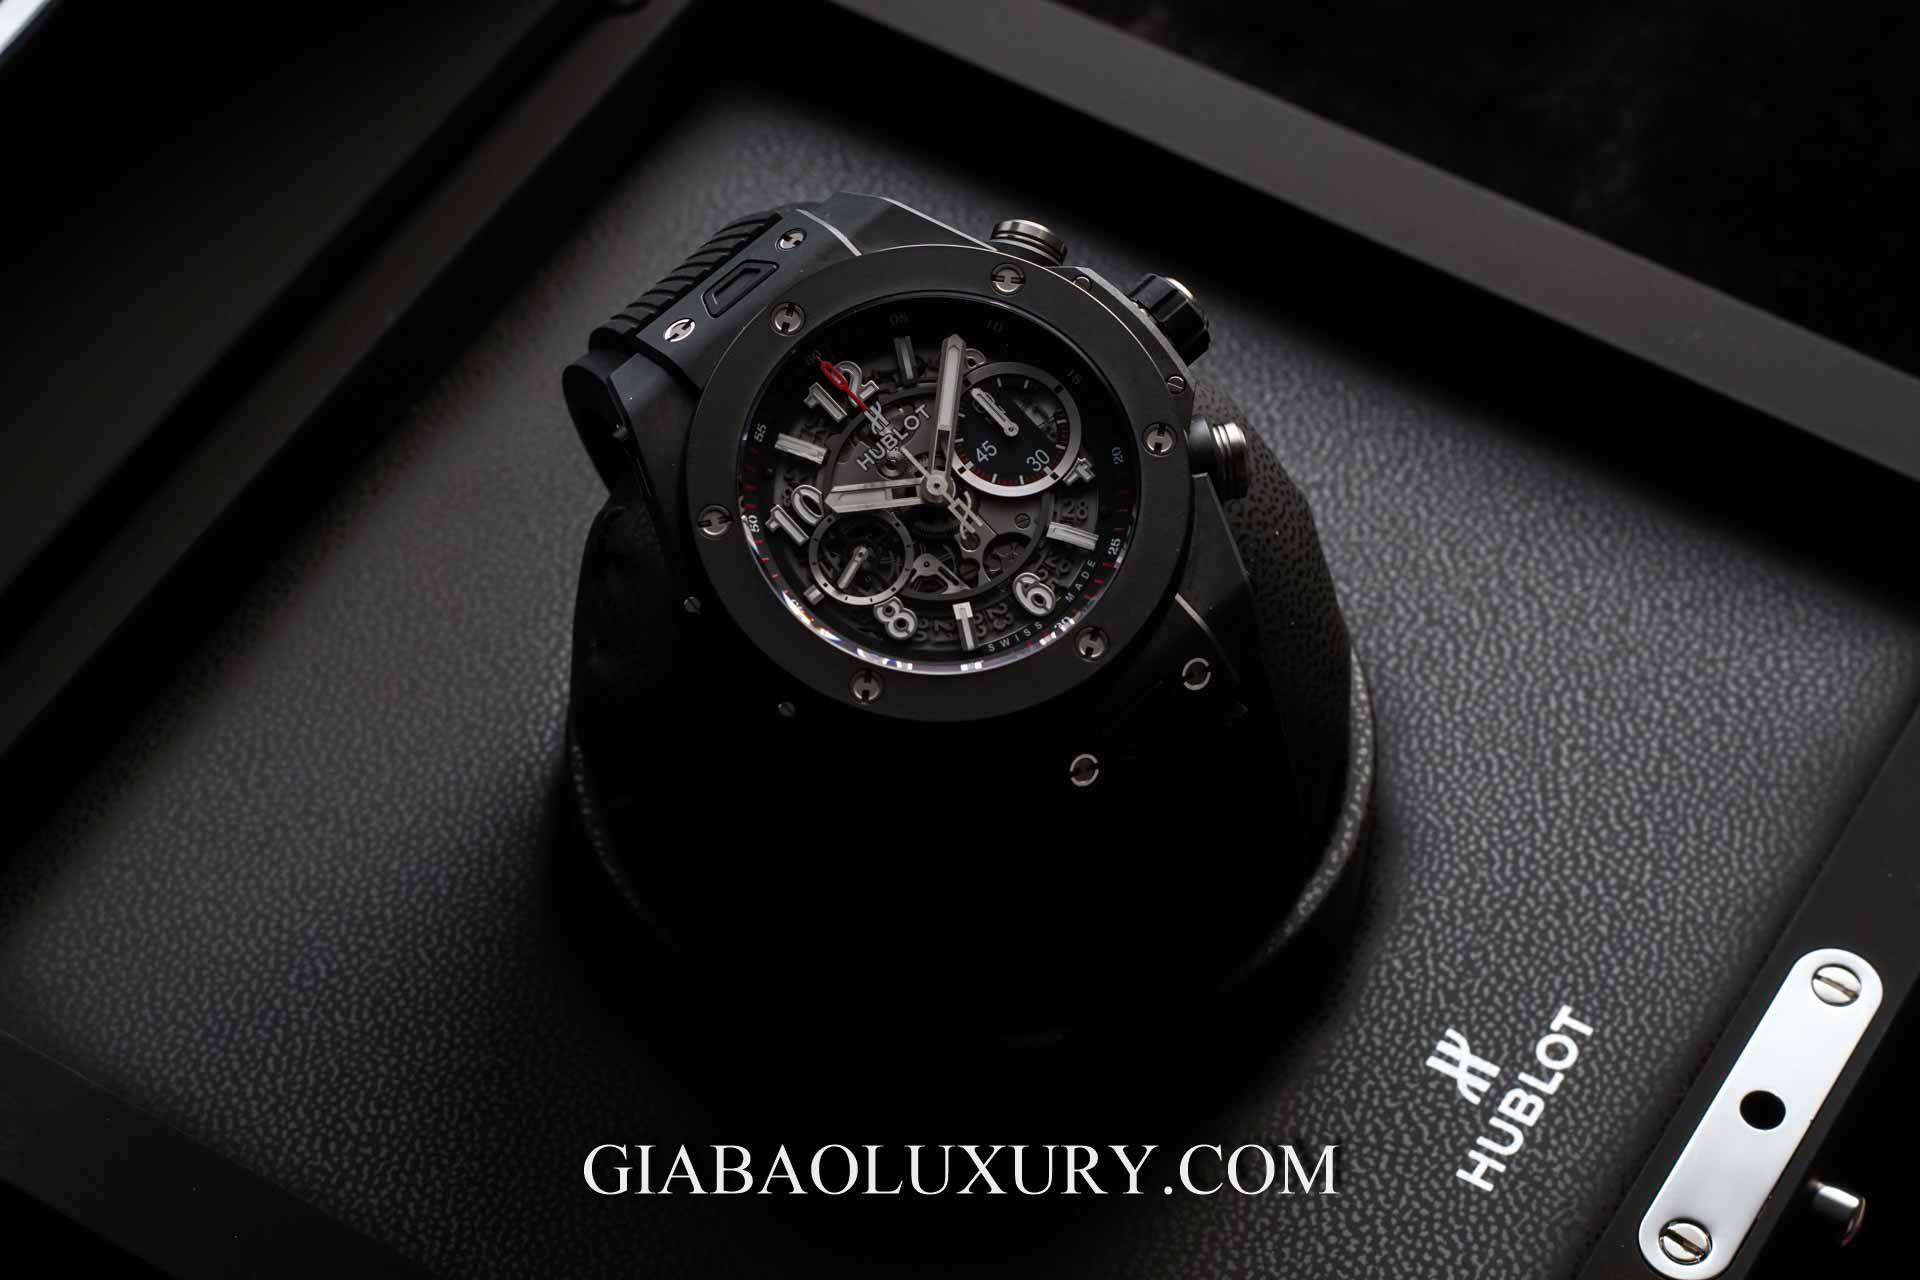 Gia Bảo Luxury nhận thu mua đồng hồ Hublot Big Bang chính hãng với mức giá cạnh tranh, uy tín và đảm bảo trải nghiệm dịch vụ tuyệt vời